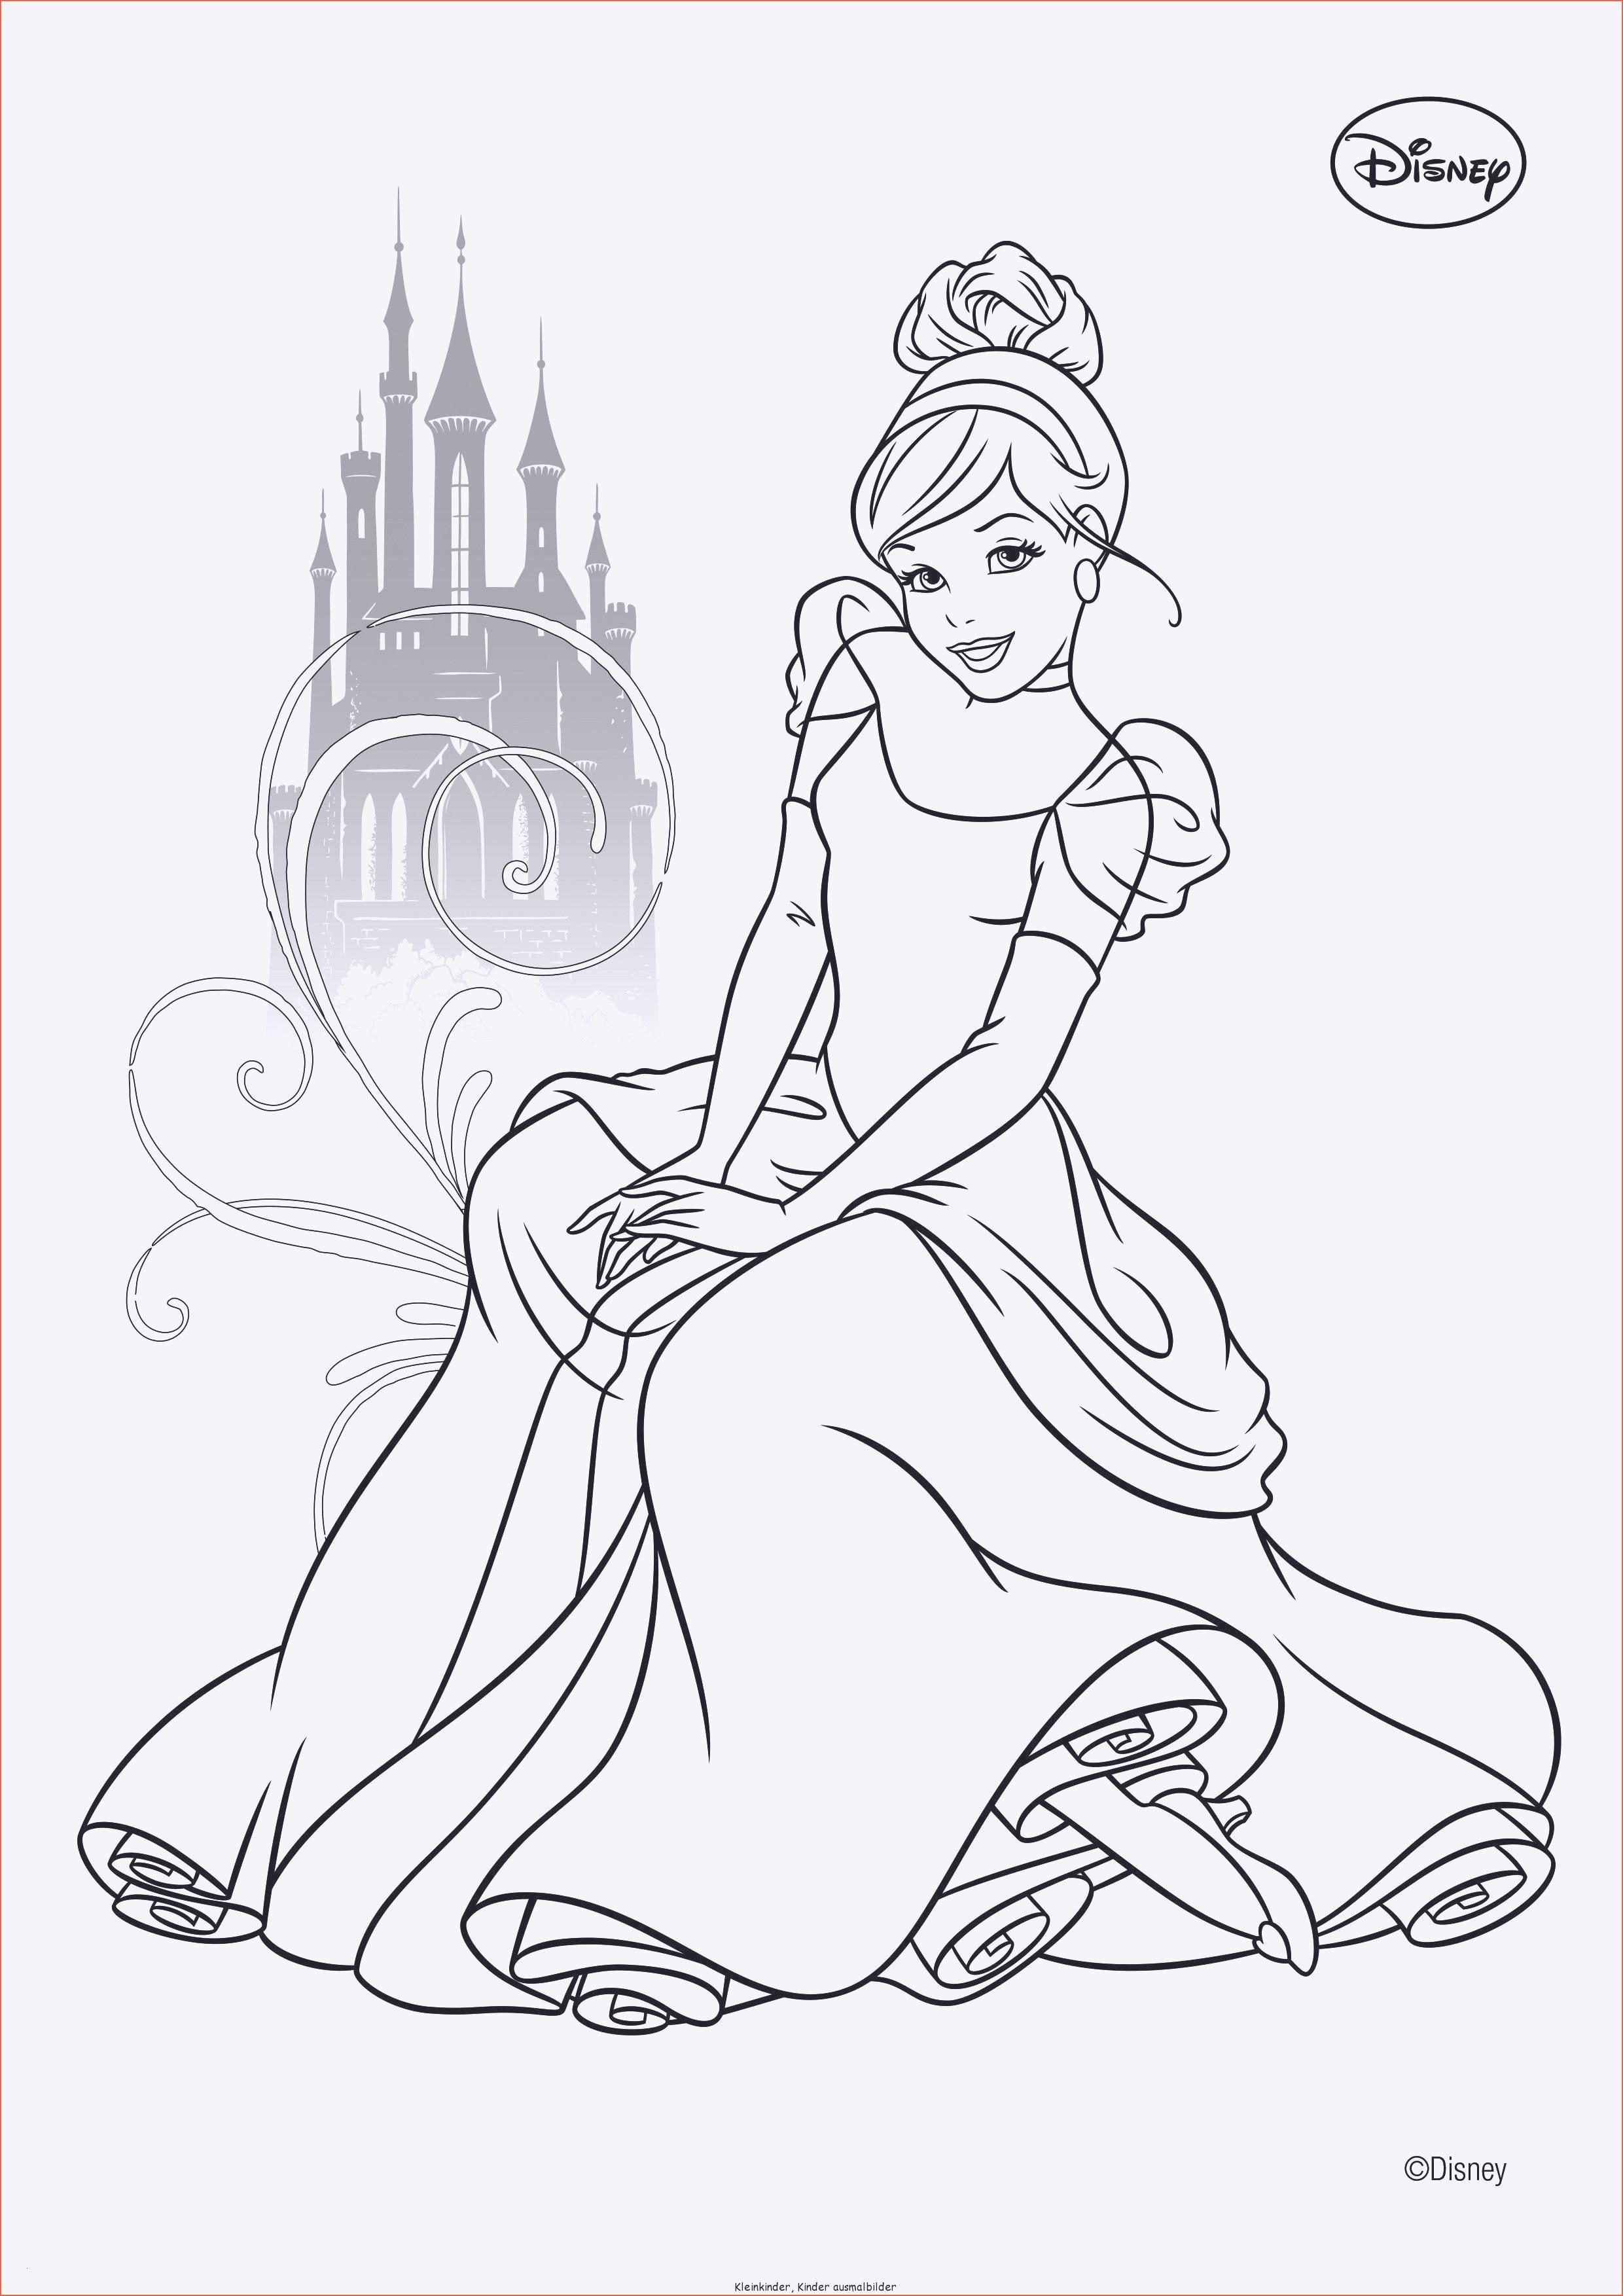 Minions Ausmalbilder Kostenlos Einzigartig 37 Kostenlose Ausmalbilder Elsa Scoredatscore Luxus Minion Galerie